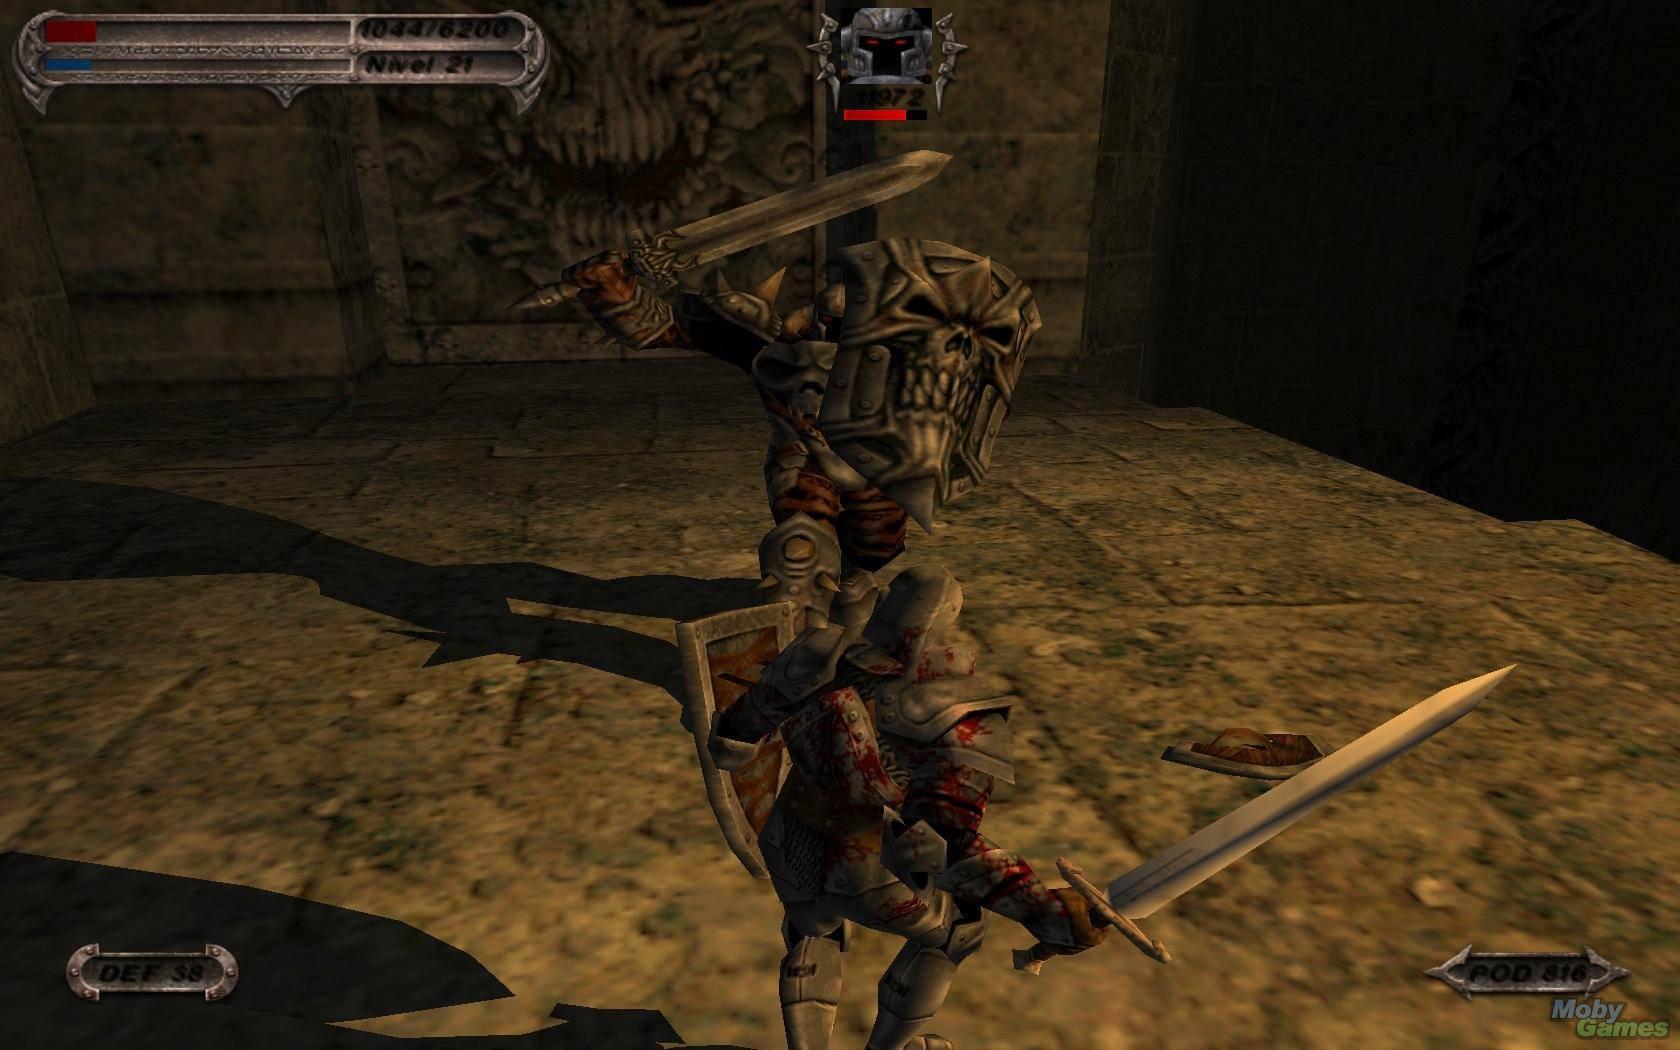 Free Download Blade of Darkness Full Version - RonanElektron